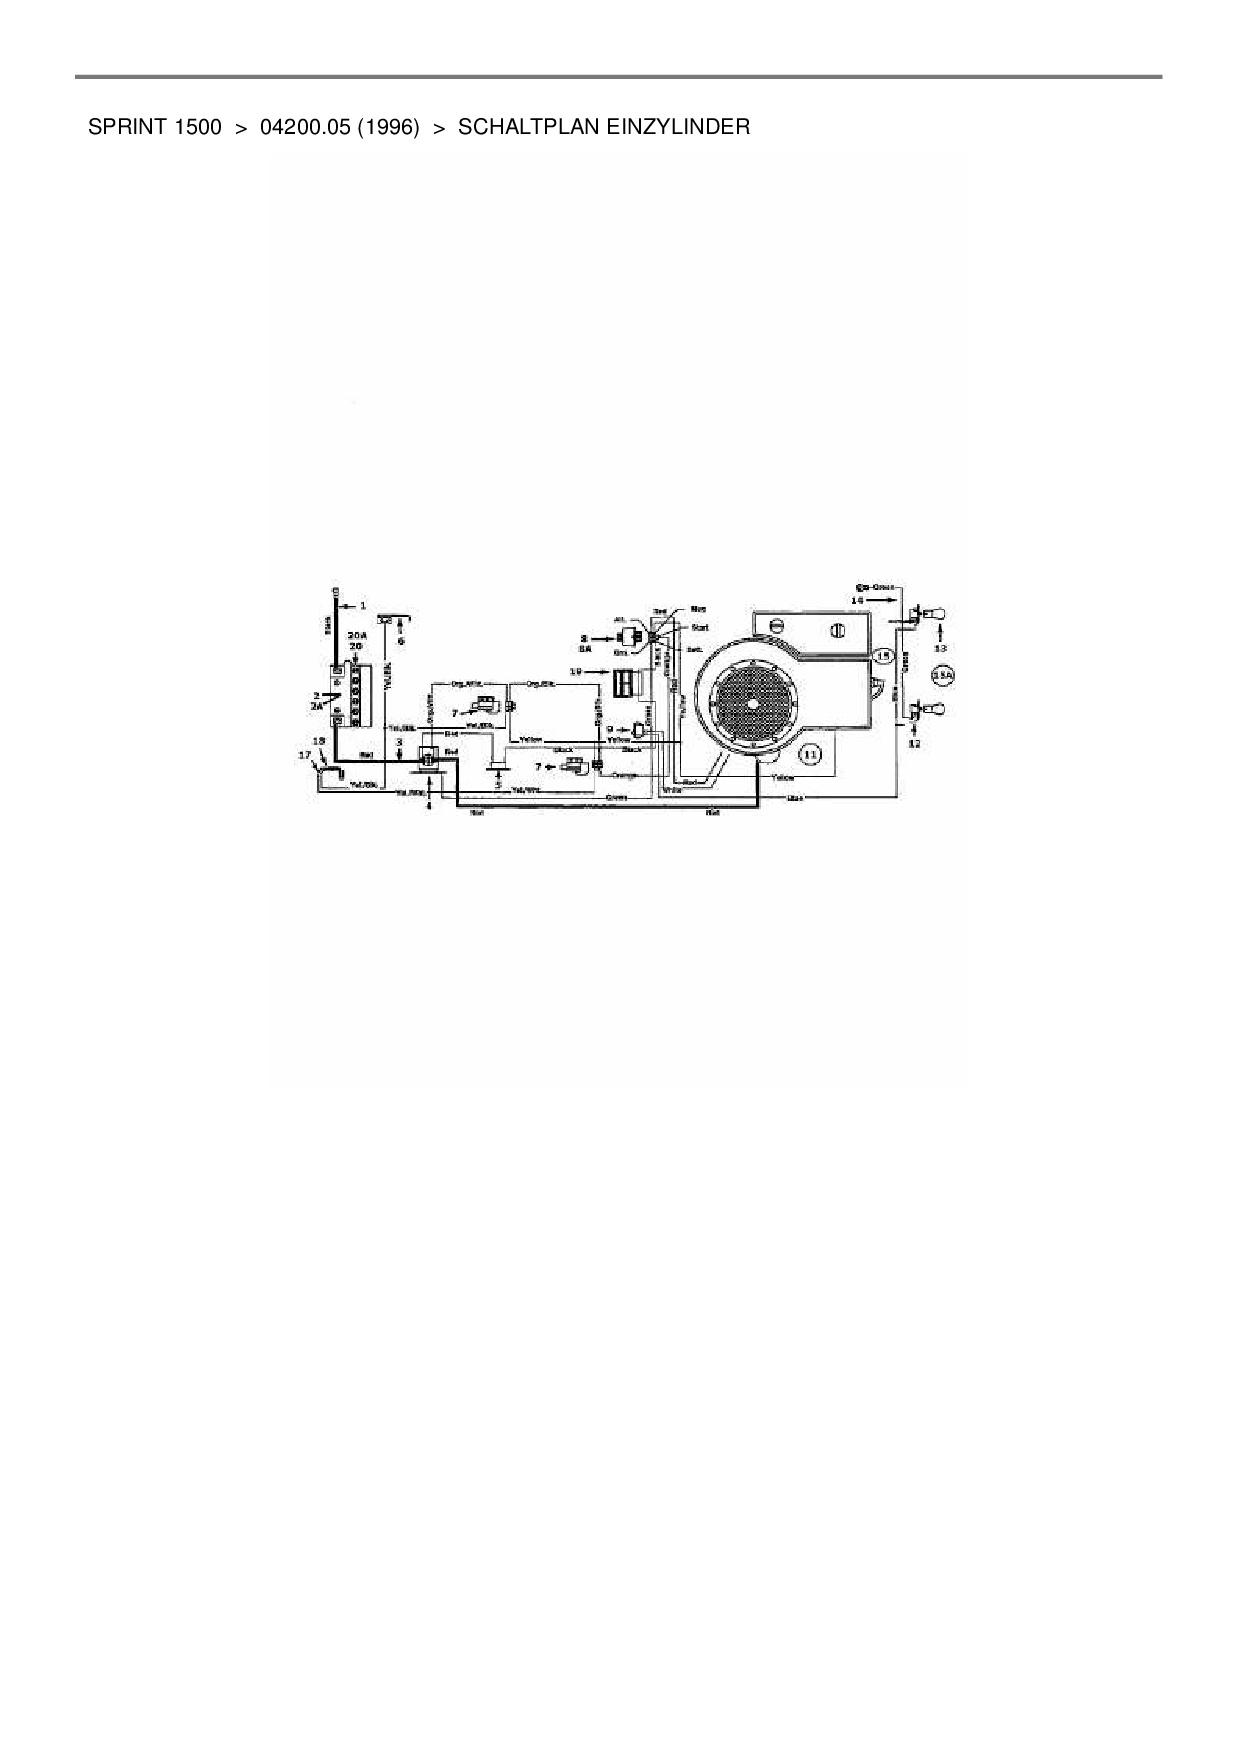 Ersatzteile von Gutbrod Rasentraktor Sprint 1500 aus der Zeichnung Sc